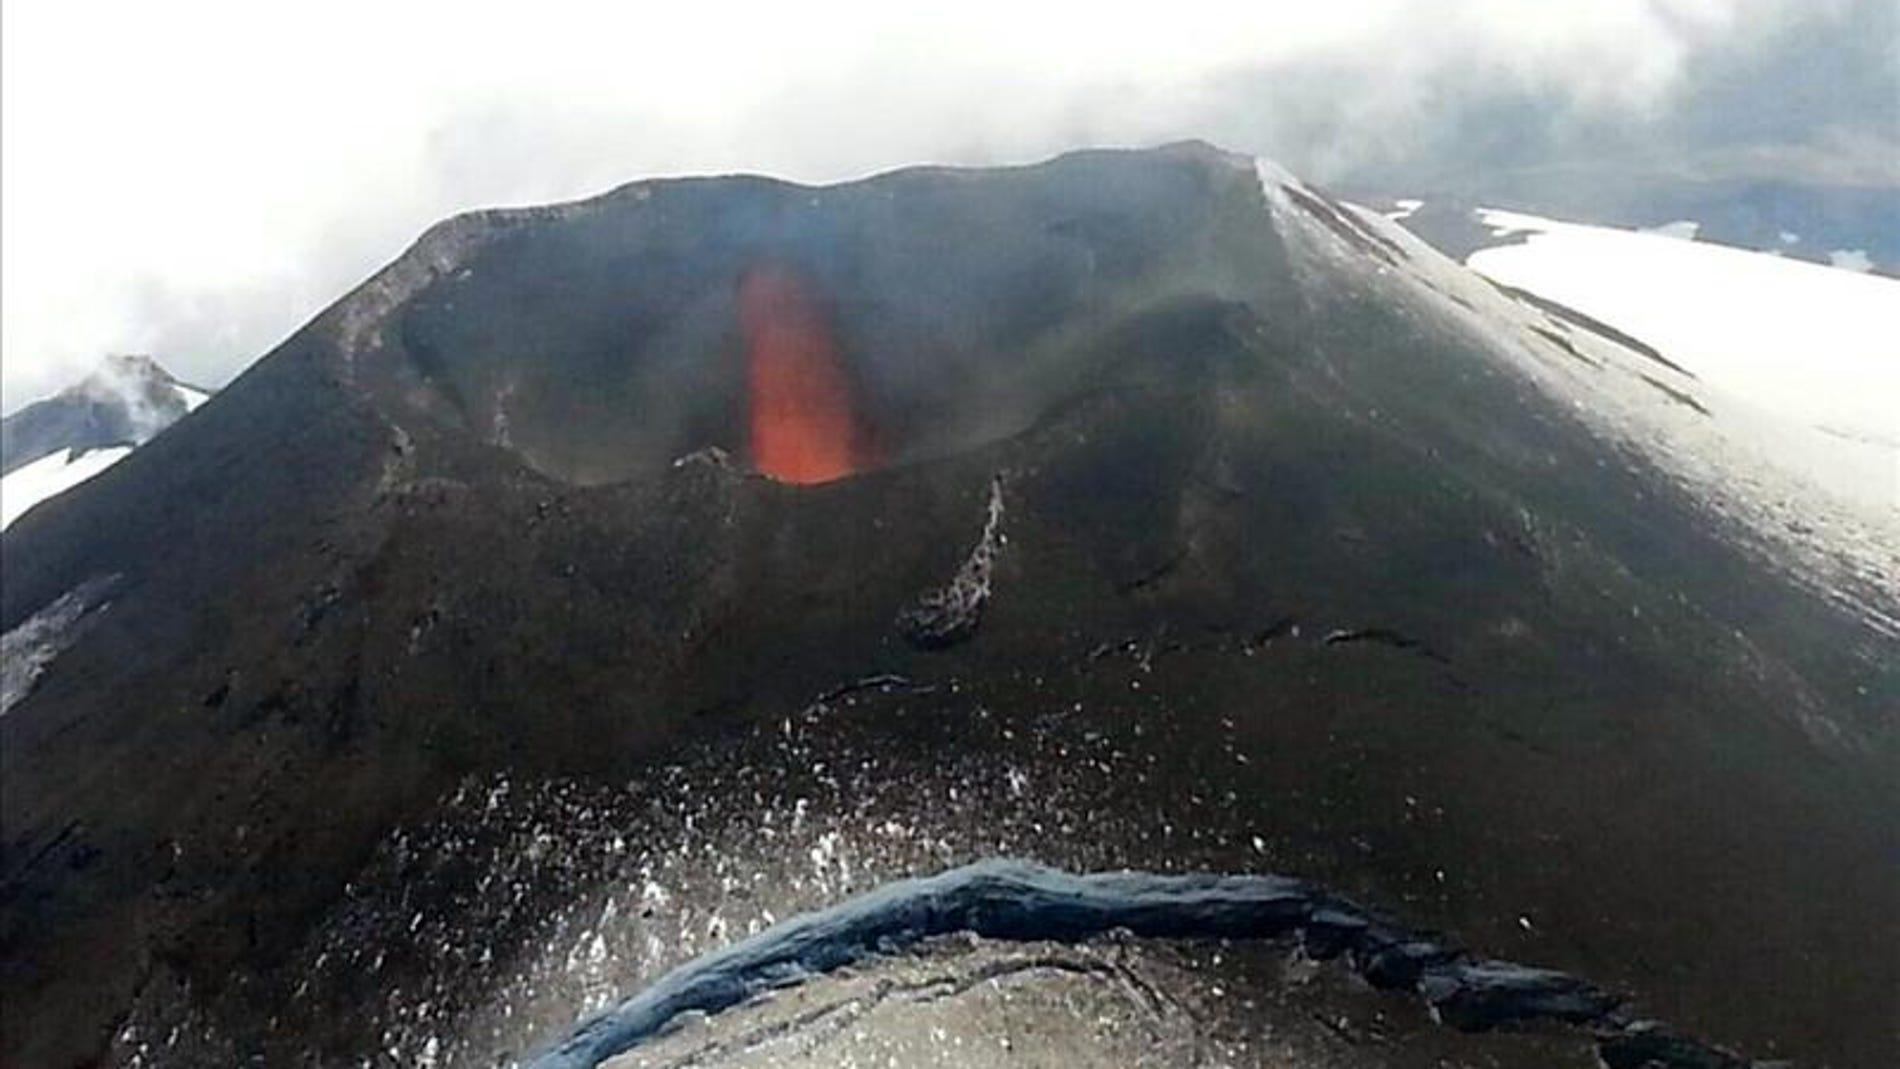 El volcán chileno Villarrica entra en erupción y se evacúa a la población